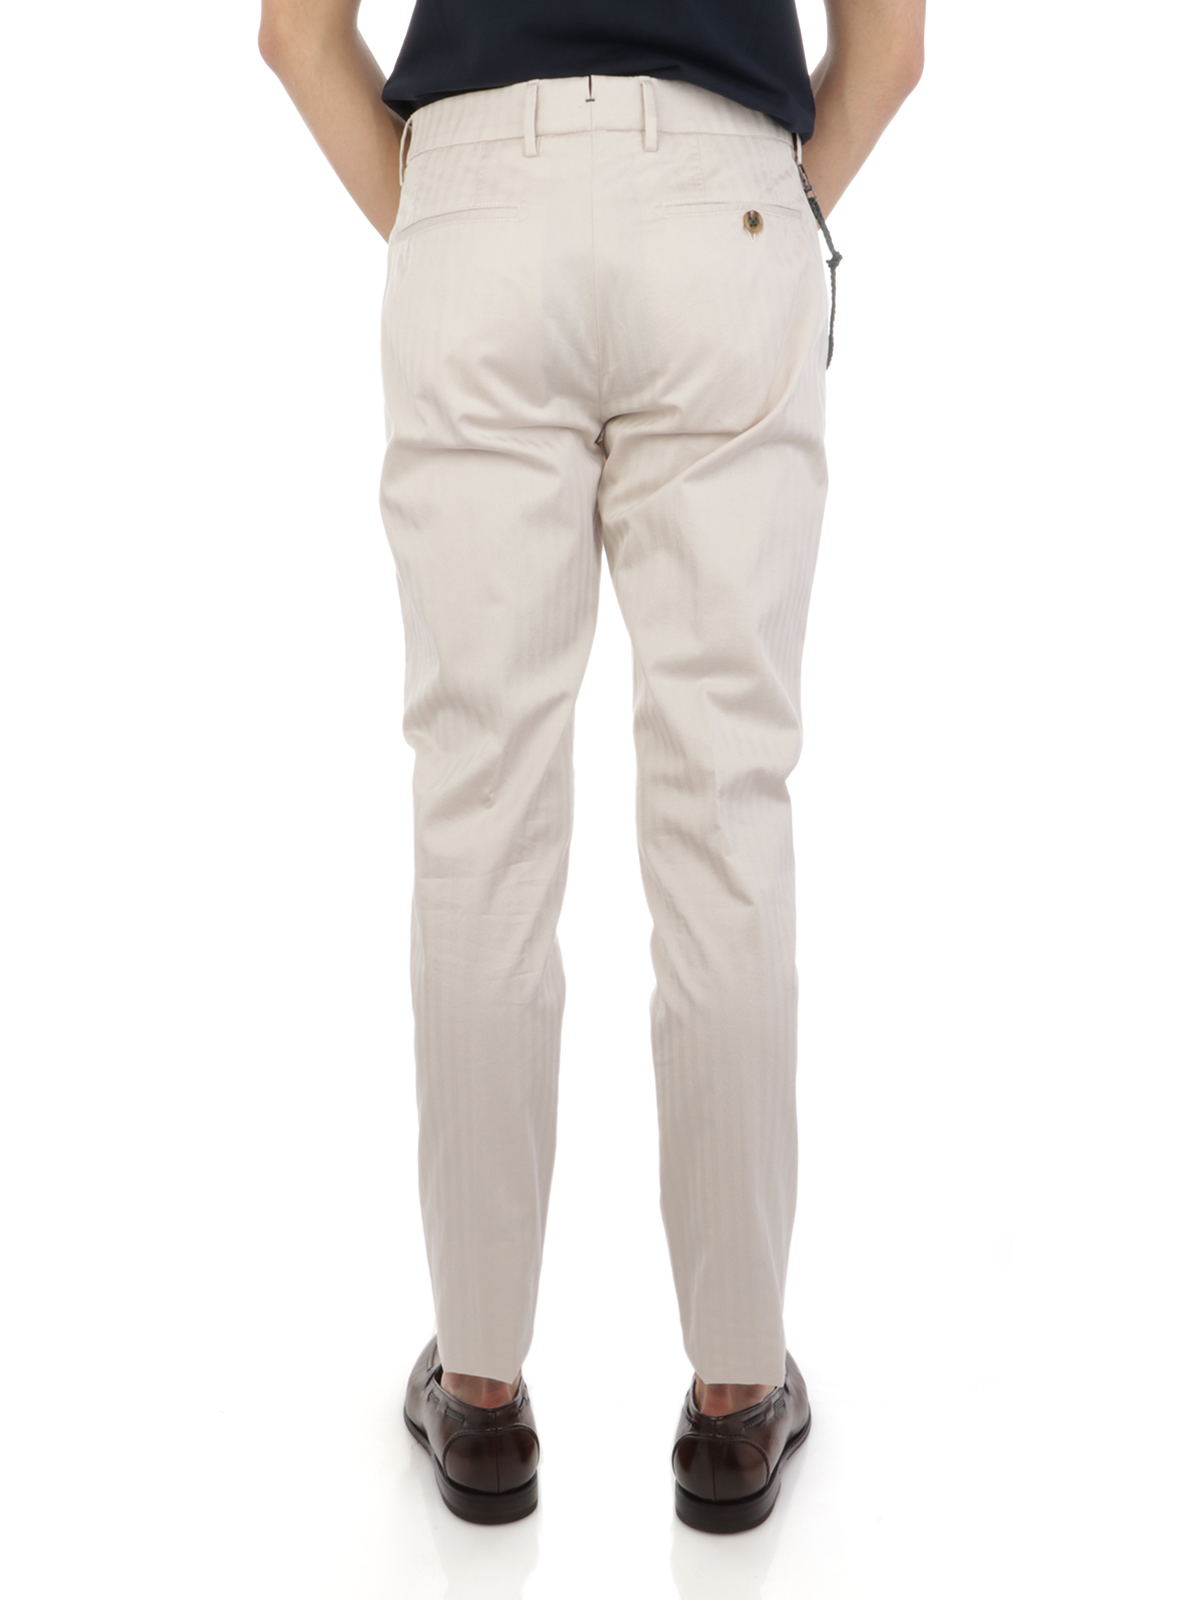 Picture of BERWICH | Men's Striped Cotton Retro Trousers